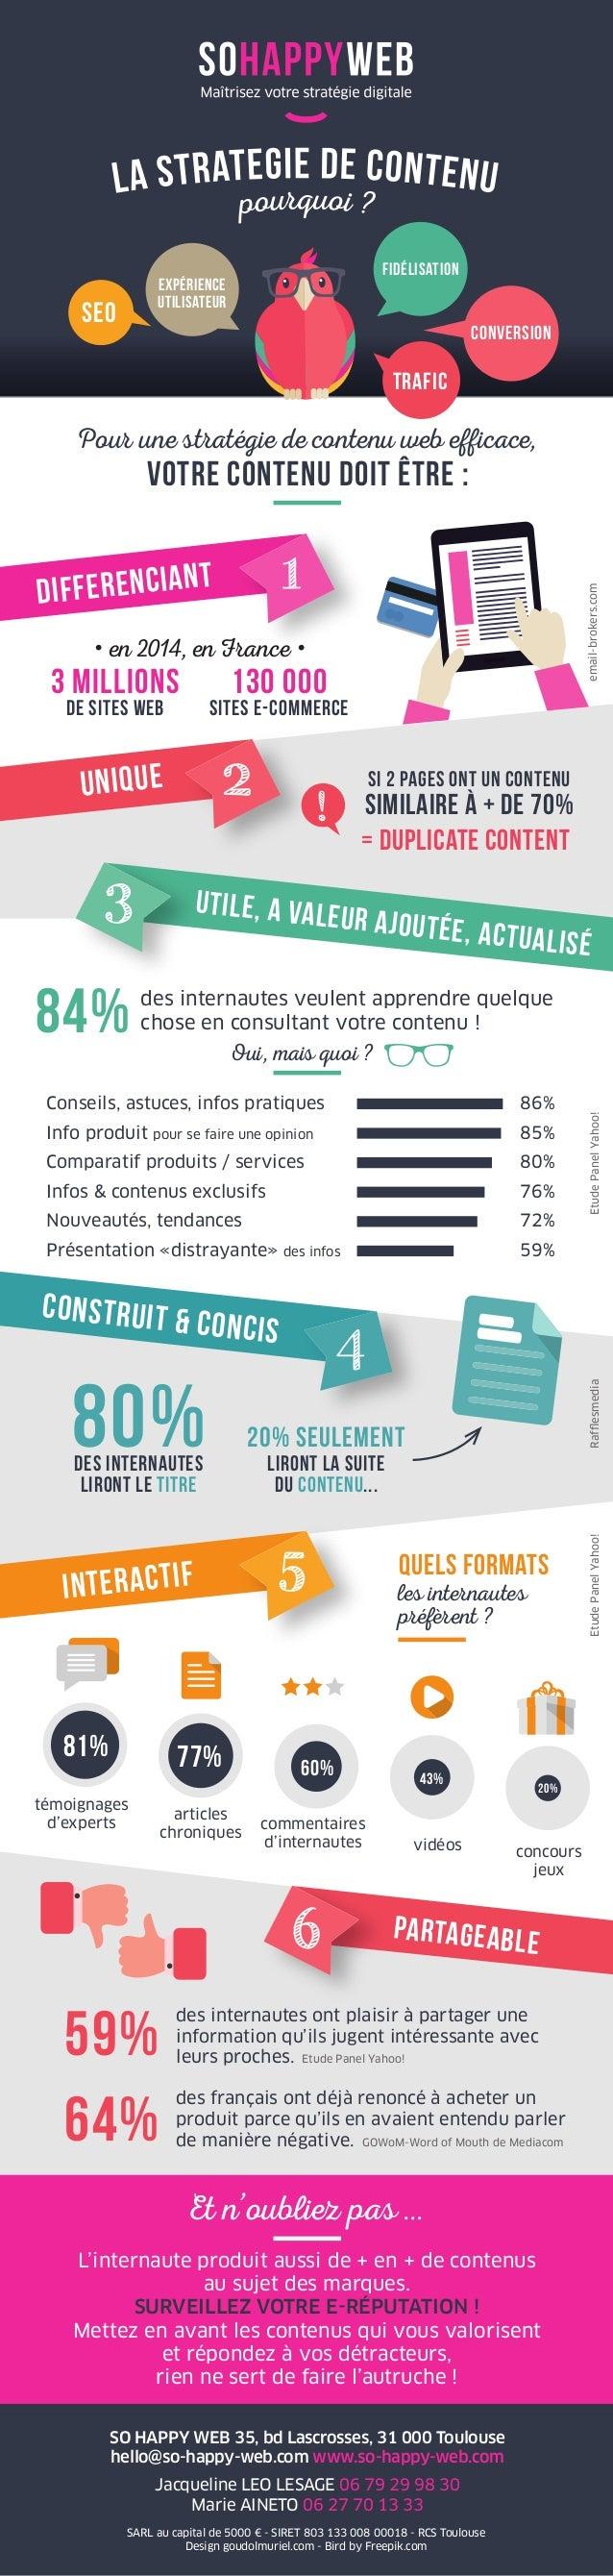 Quels formats Pour une stratégie de contenu web efficace, votre contenu doit être : des internautes veulent apprendre quel...